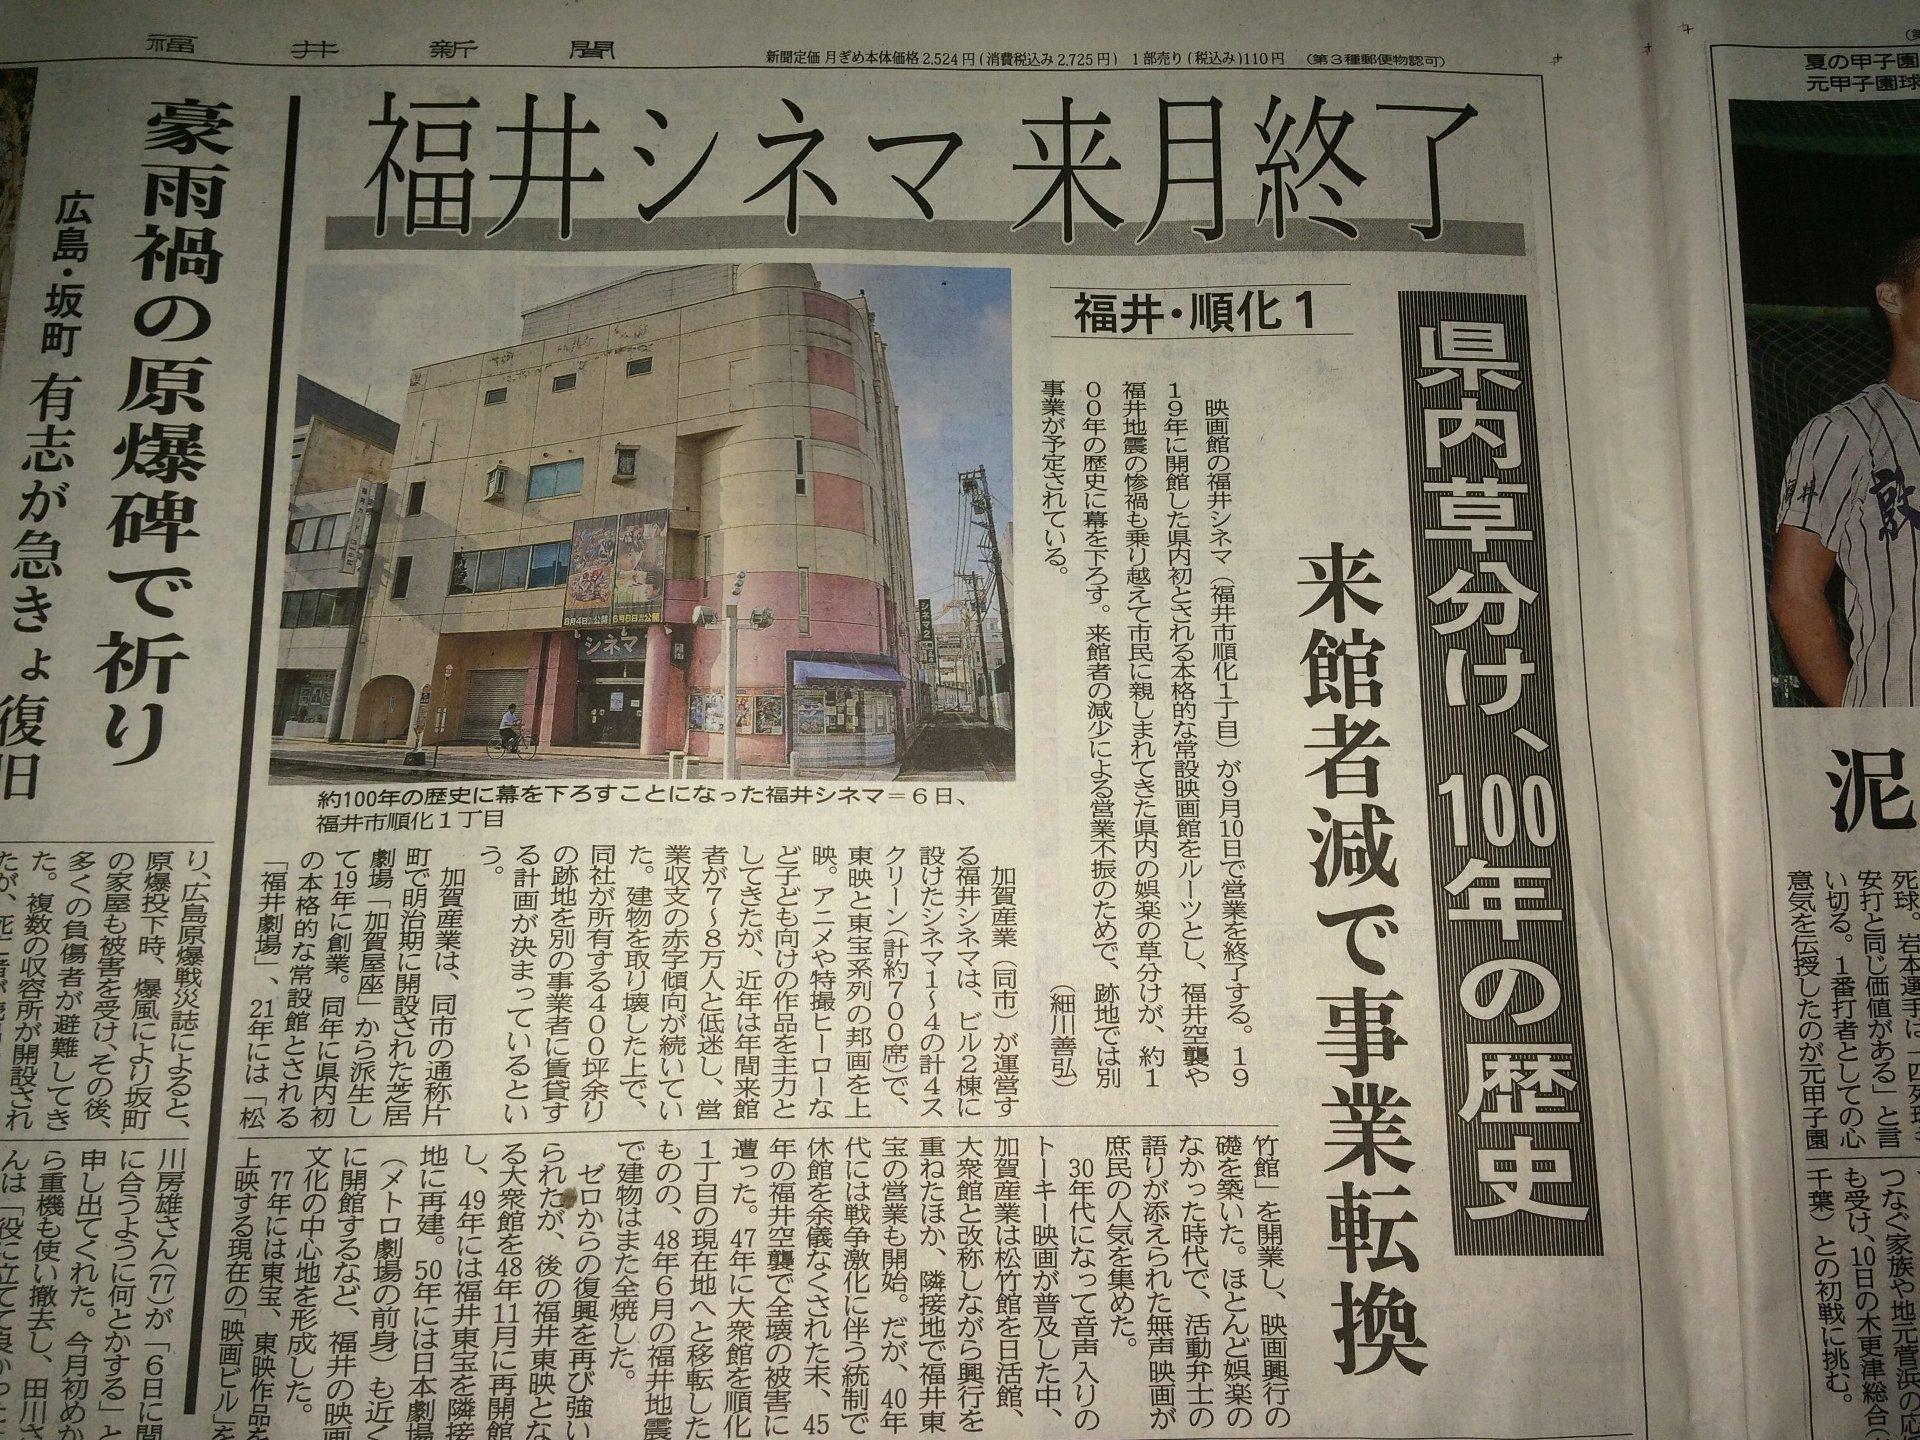 福井新聞8月7日付け記事「福井シネマ終了」